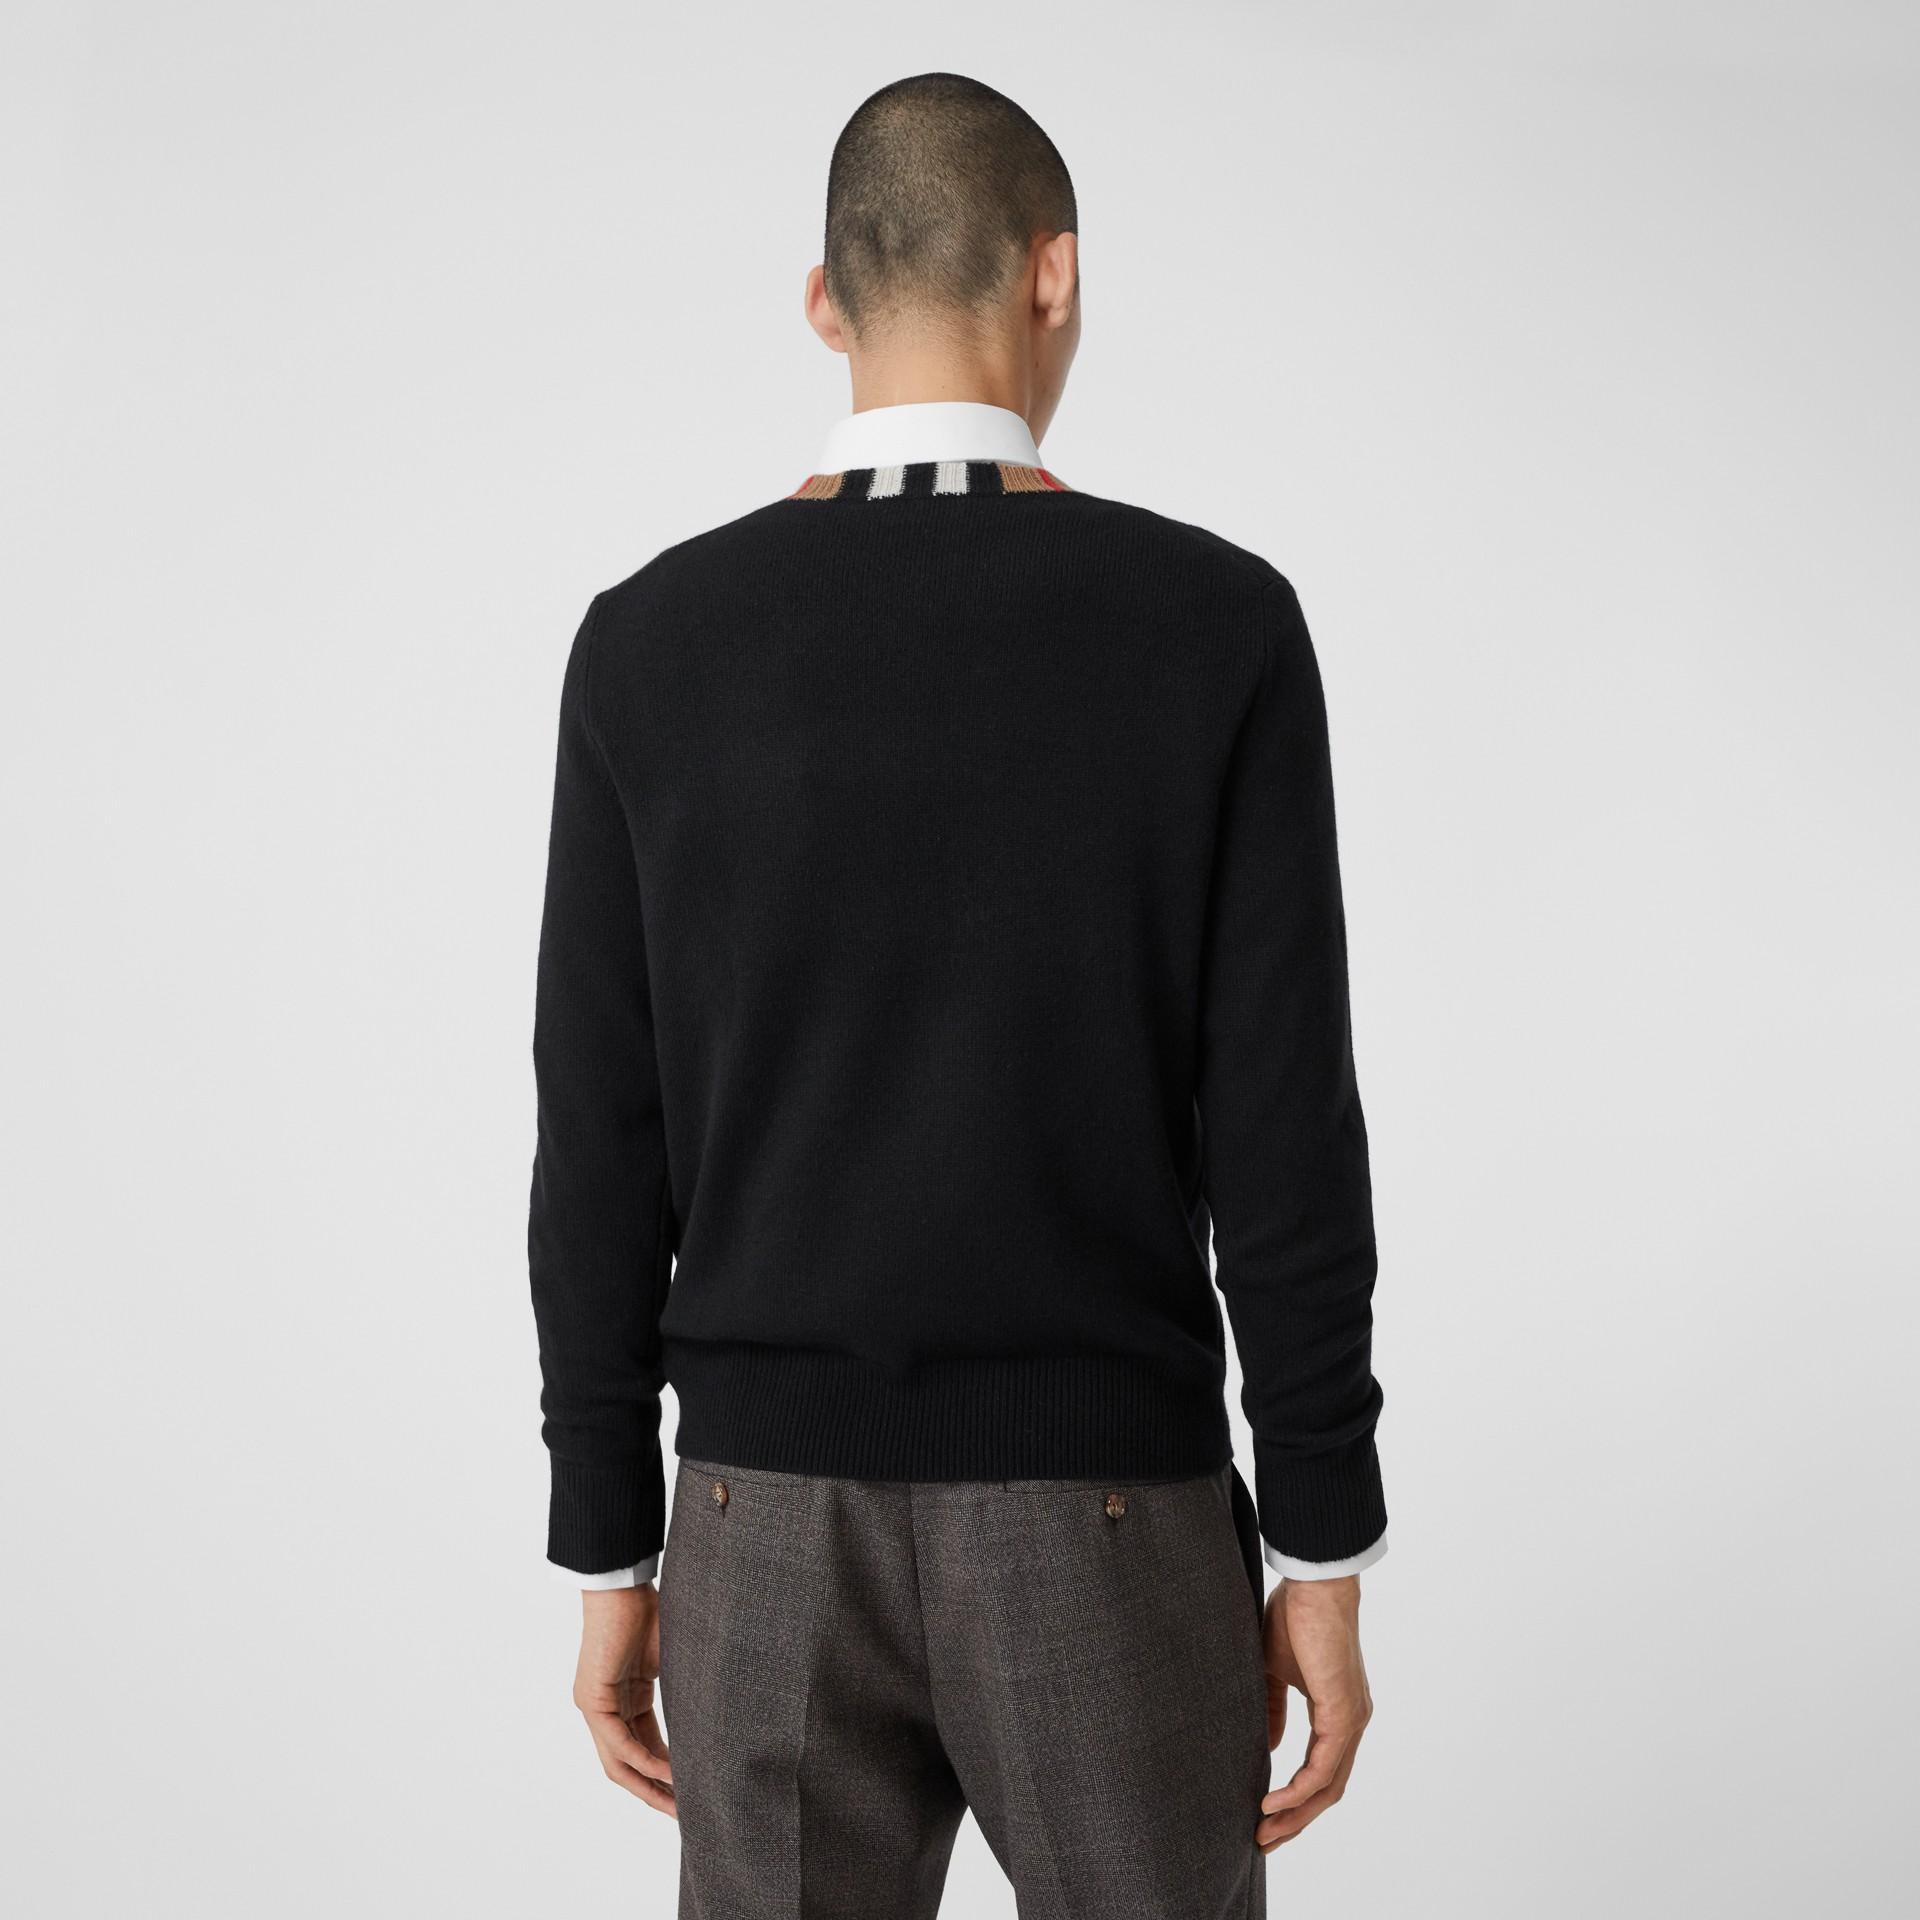 Jersey en cachemir con detalle a rayas Icon Stripe (Negro) - Hombre | Burberry - imagen de la galería 2